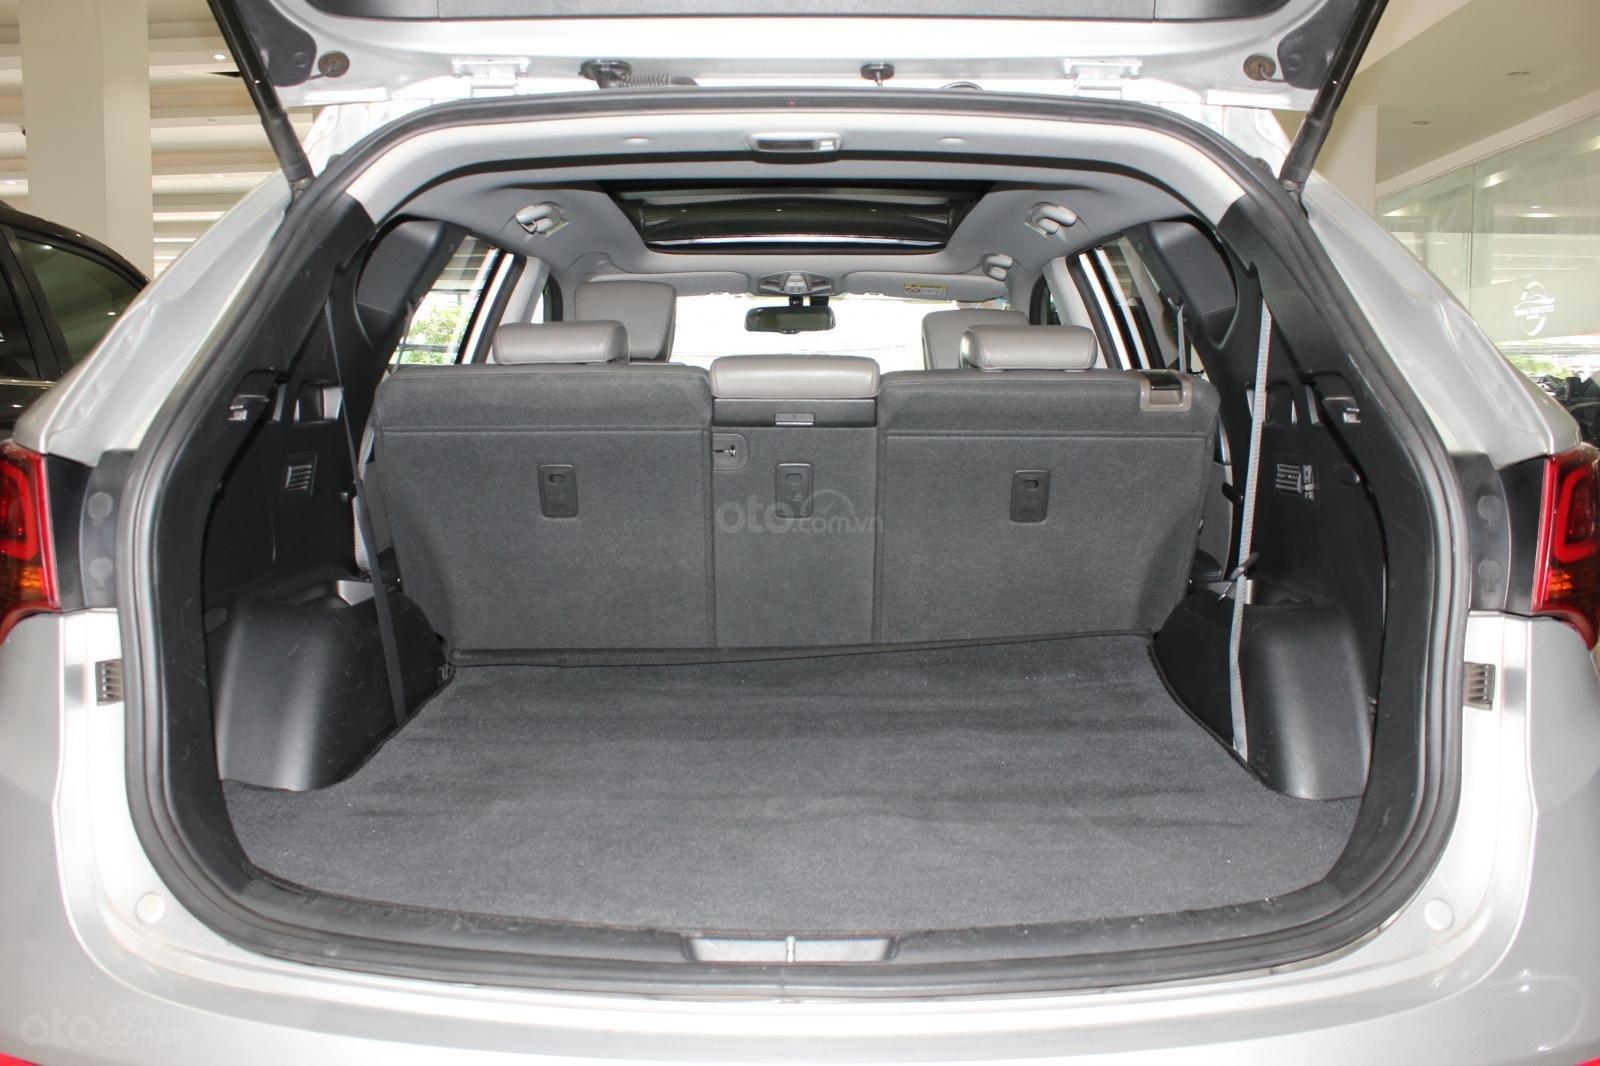 Bán xe Hyundai Santa Fe 2.2 4WD năm sản xuất 2017, màu bạc (15)